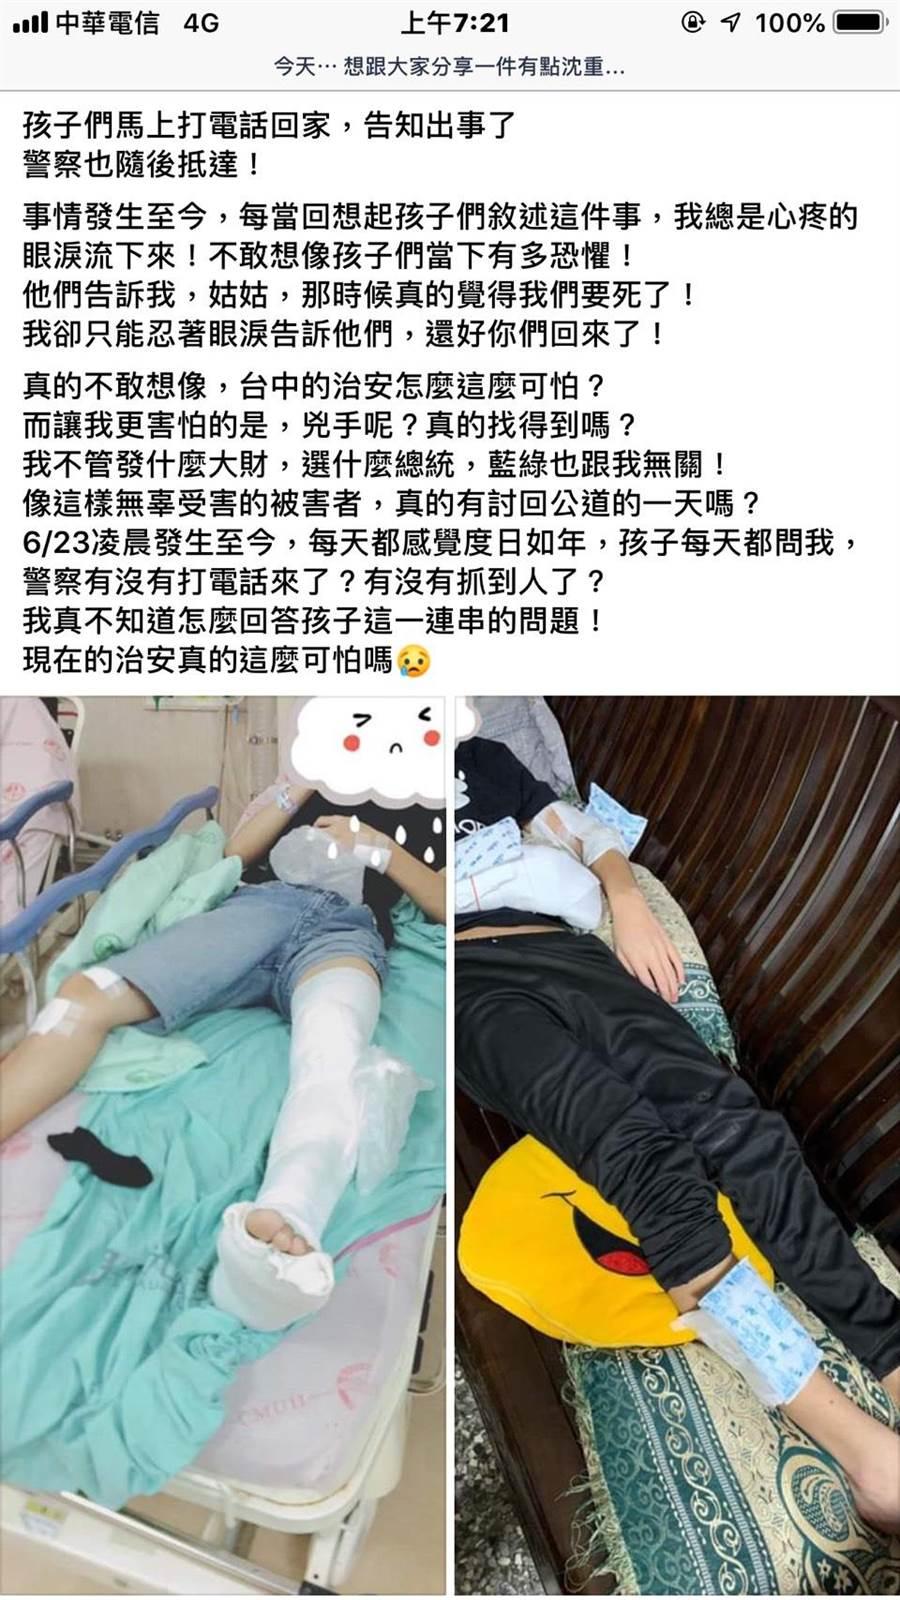 1名網友於臉書粉專貼出,孩子遭圍毆重傷照片,直呼:台中的治安怎麼這麼可怕。(張妍溱翻攝)